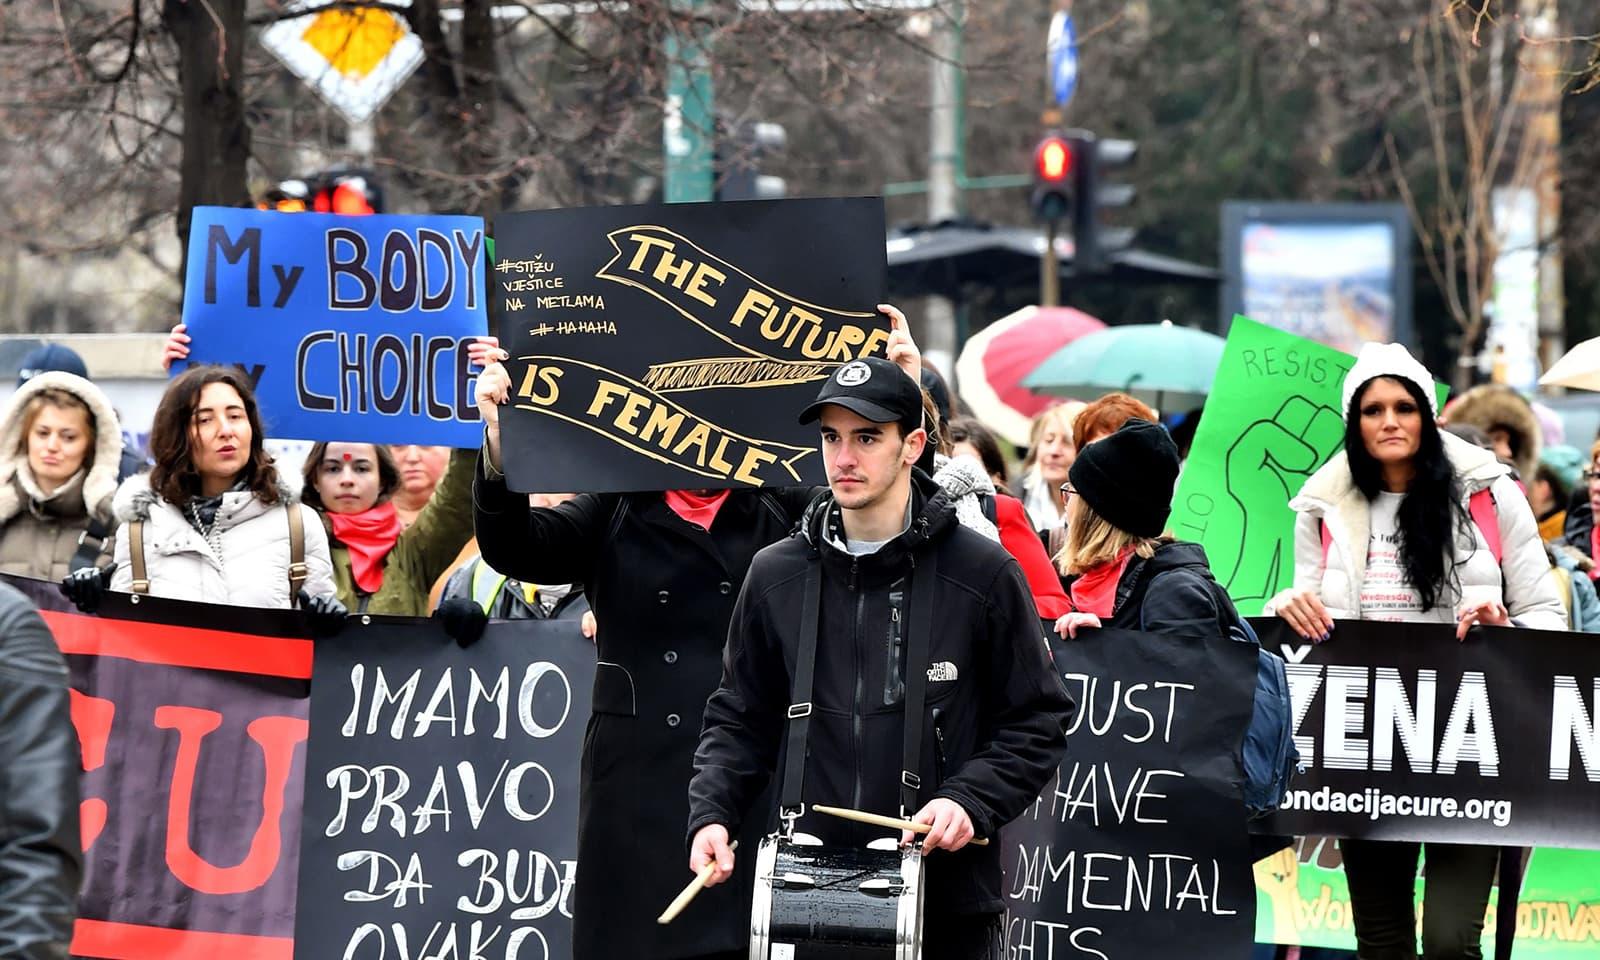 بوسنیا میں نکالی گئی ریلیوں میں خواتین کے شانہ بشانہ مردوں نے بھی حصہ لیا —فوٹو: اے ایف پی  بوسینا